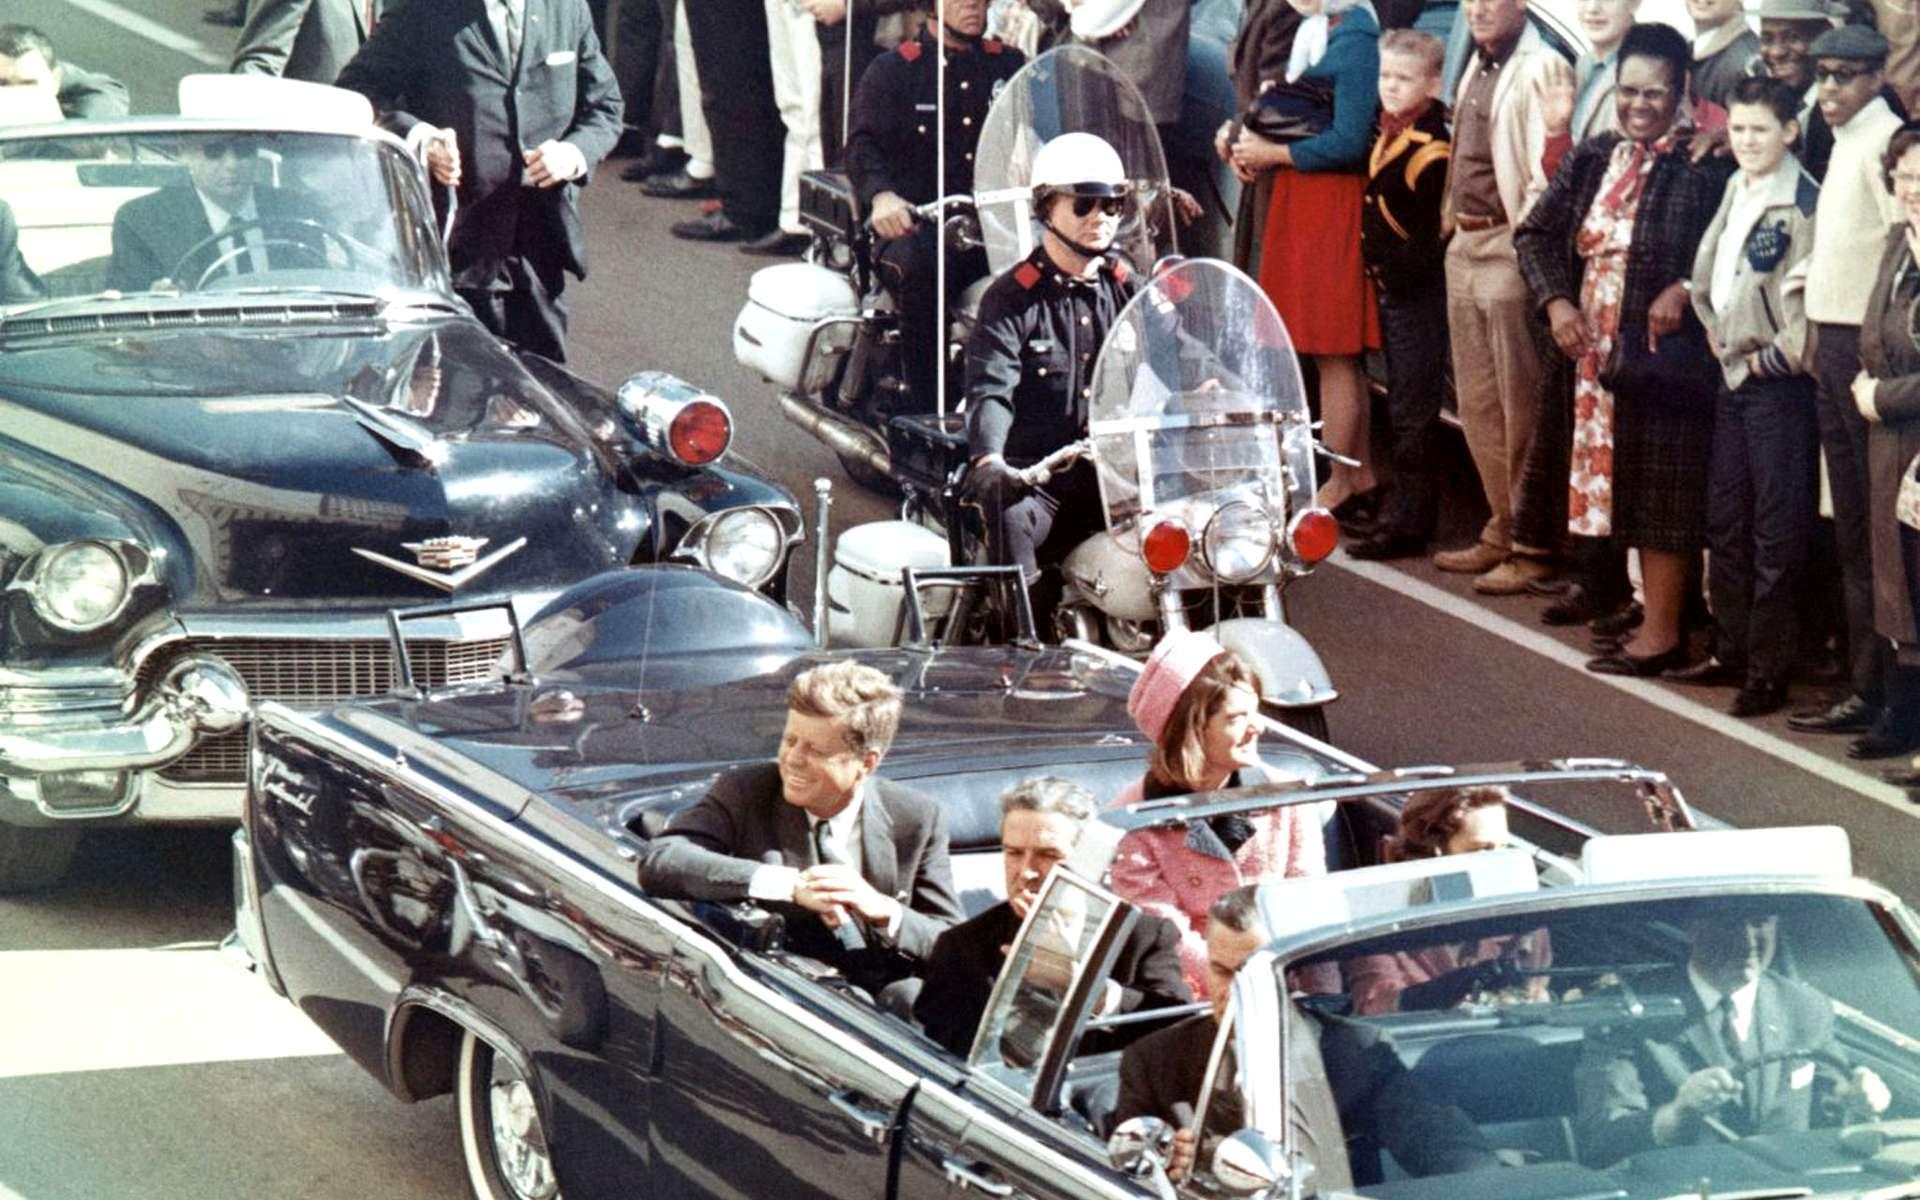 Le cortège présidentiel avant l'assassinat de John Fitzgerald Kennedy. Les théories du complot restent vivaces plus de 50 ans après les faits. © Wikimedia Commons, DP